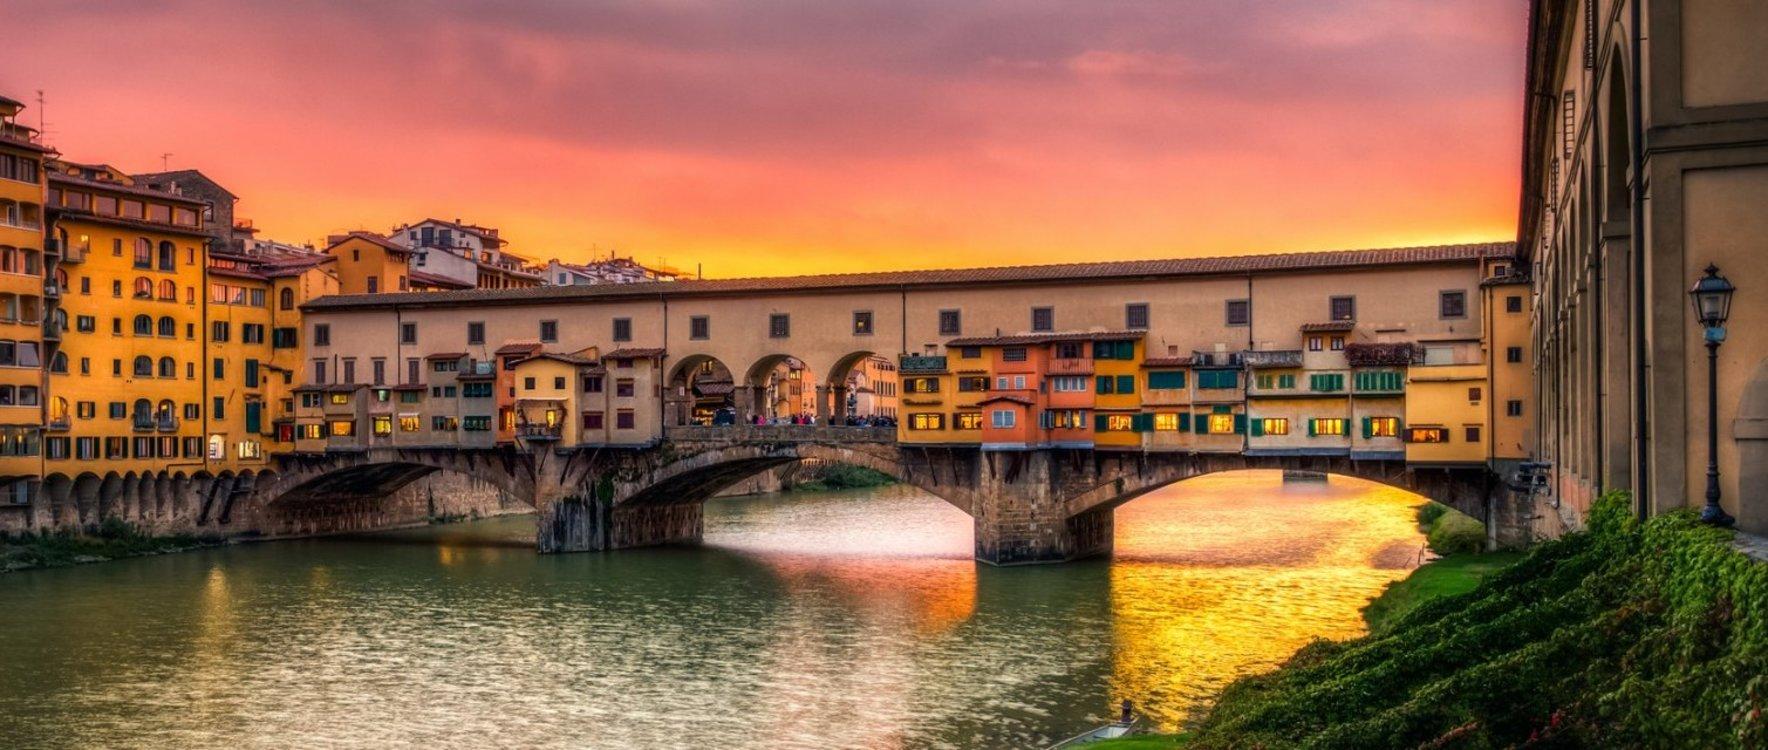 Понте-Веккьо, Флоренция, Италия